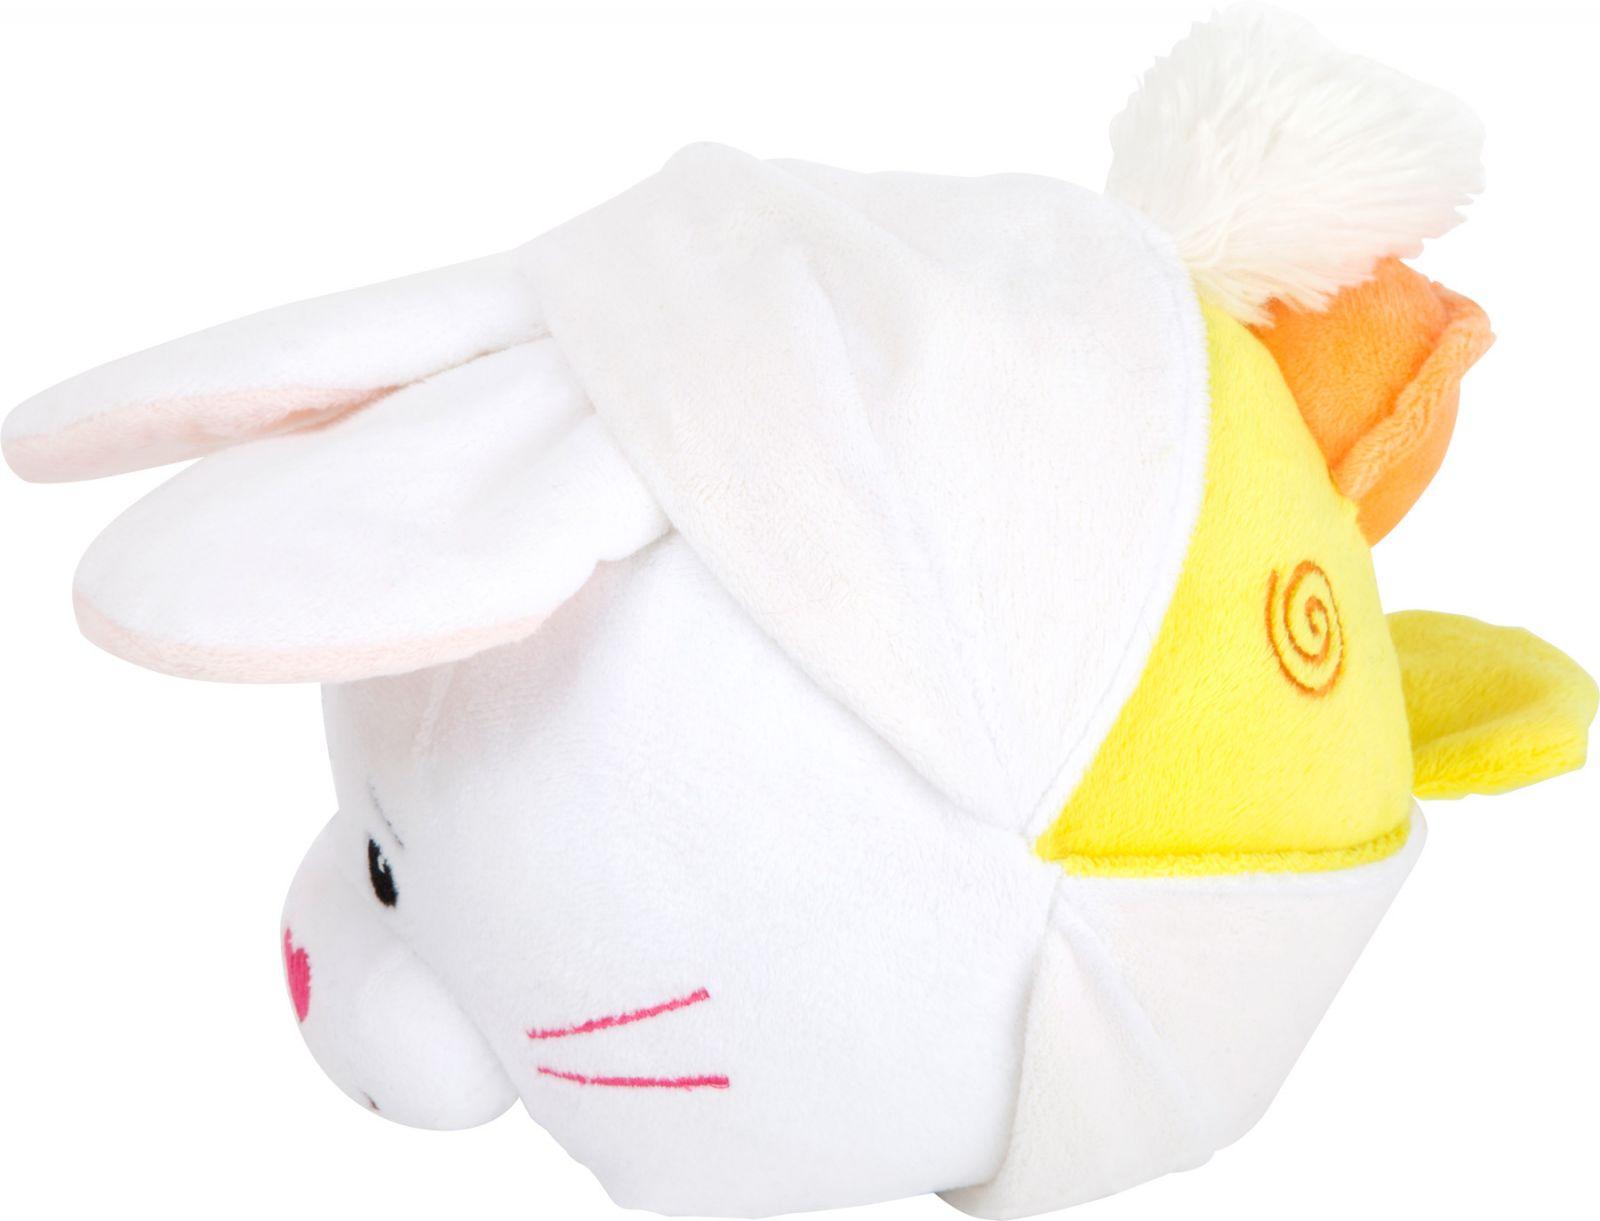 Dřevěné hračky Small Foot Látkový balónek králík a kačenka Small foot by Legler